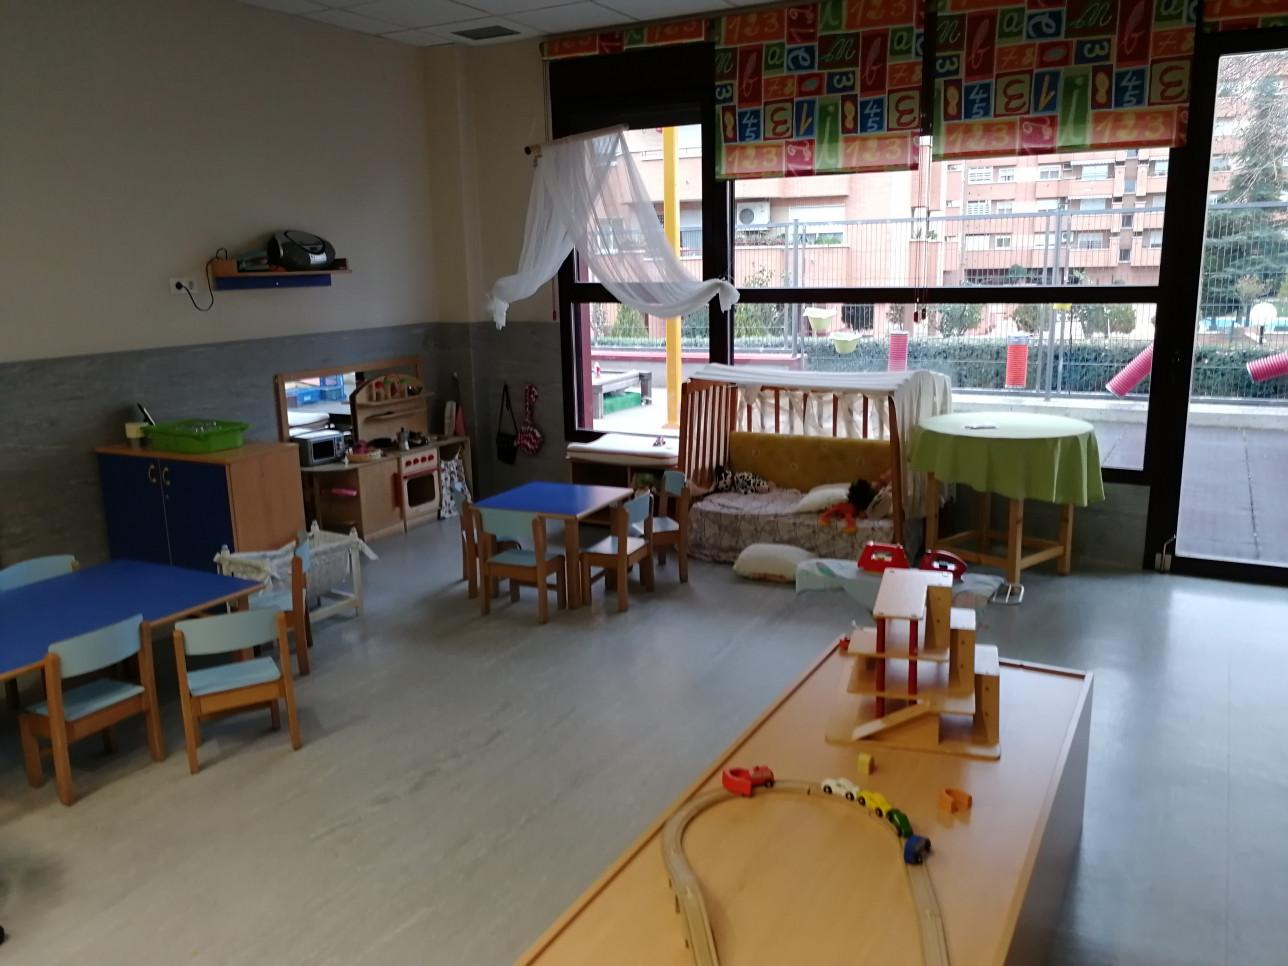 Madridilaisen päiväkodin leikkihuone ja askartelutila